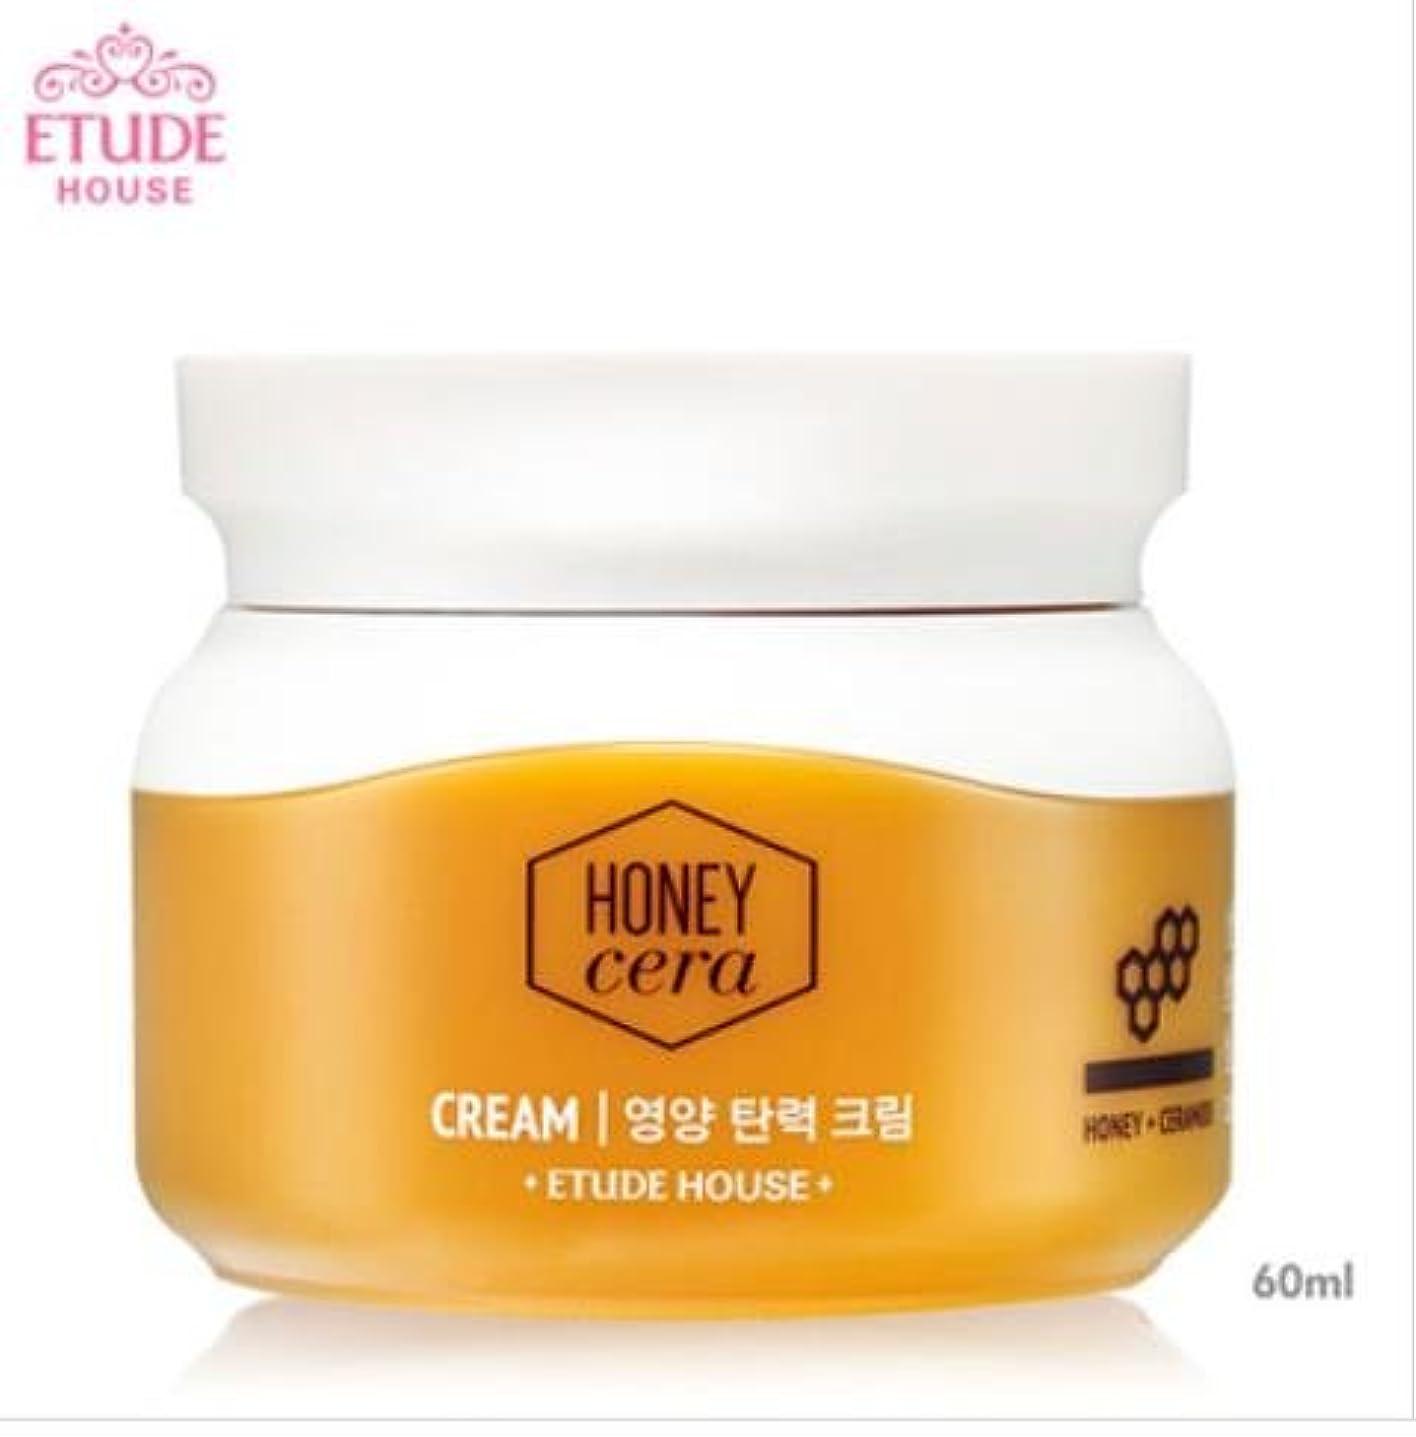 グレートオーク対象優しさ[エチュードハウス] ETUDE HOUSE [ハニーセラ 栄養弾力 クリーム 60ml](Honey Sarah nutrition elastic Cream 60ml) [並行輸入品]